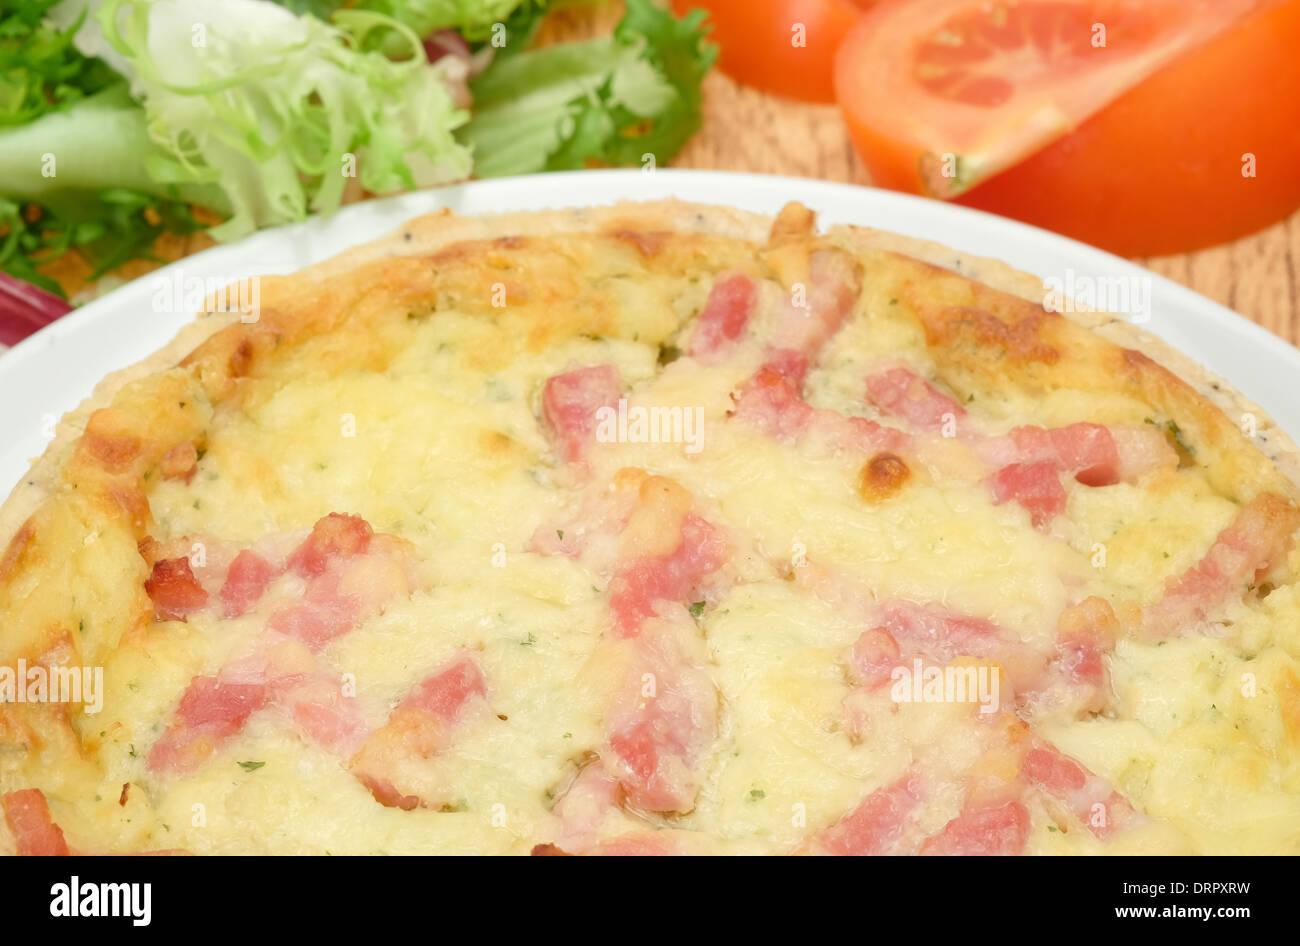 Fromage et bacon Quiche lorraine sur une plaque blanche - studio shot Photo Stock